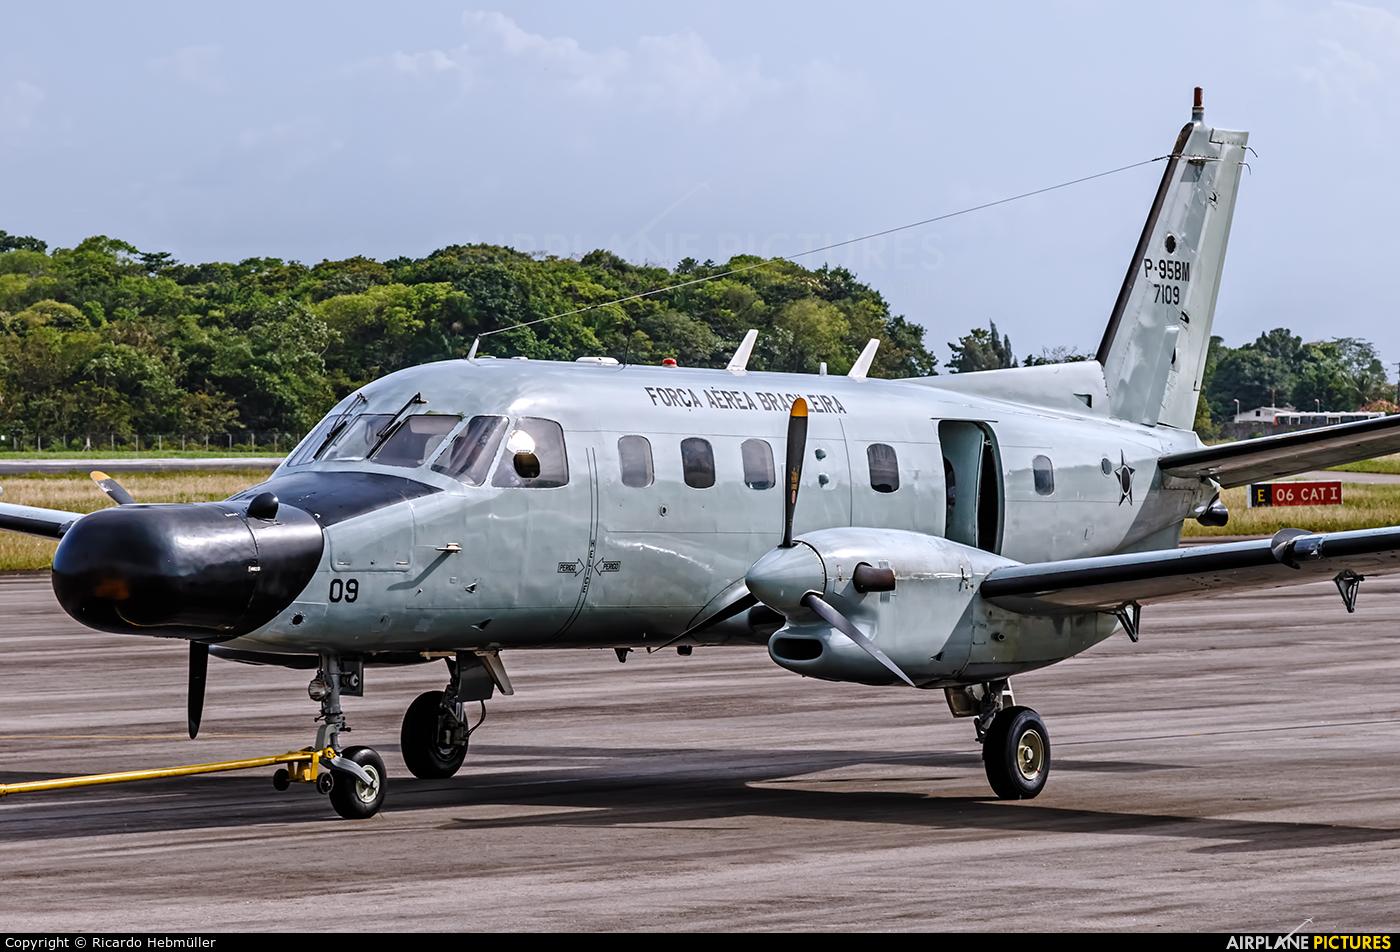 Brazil - Air Force 7109 aircraft at Belém